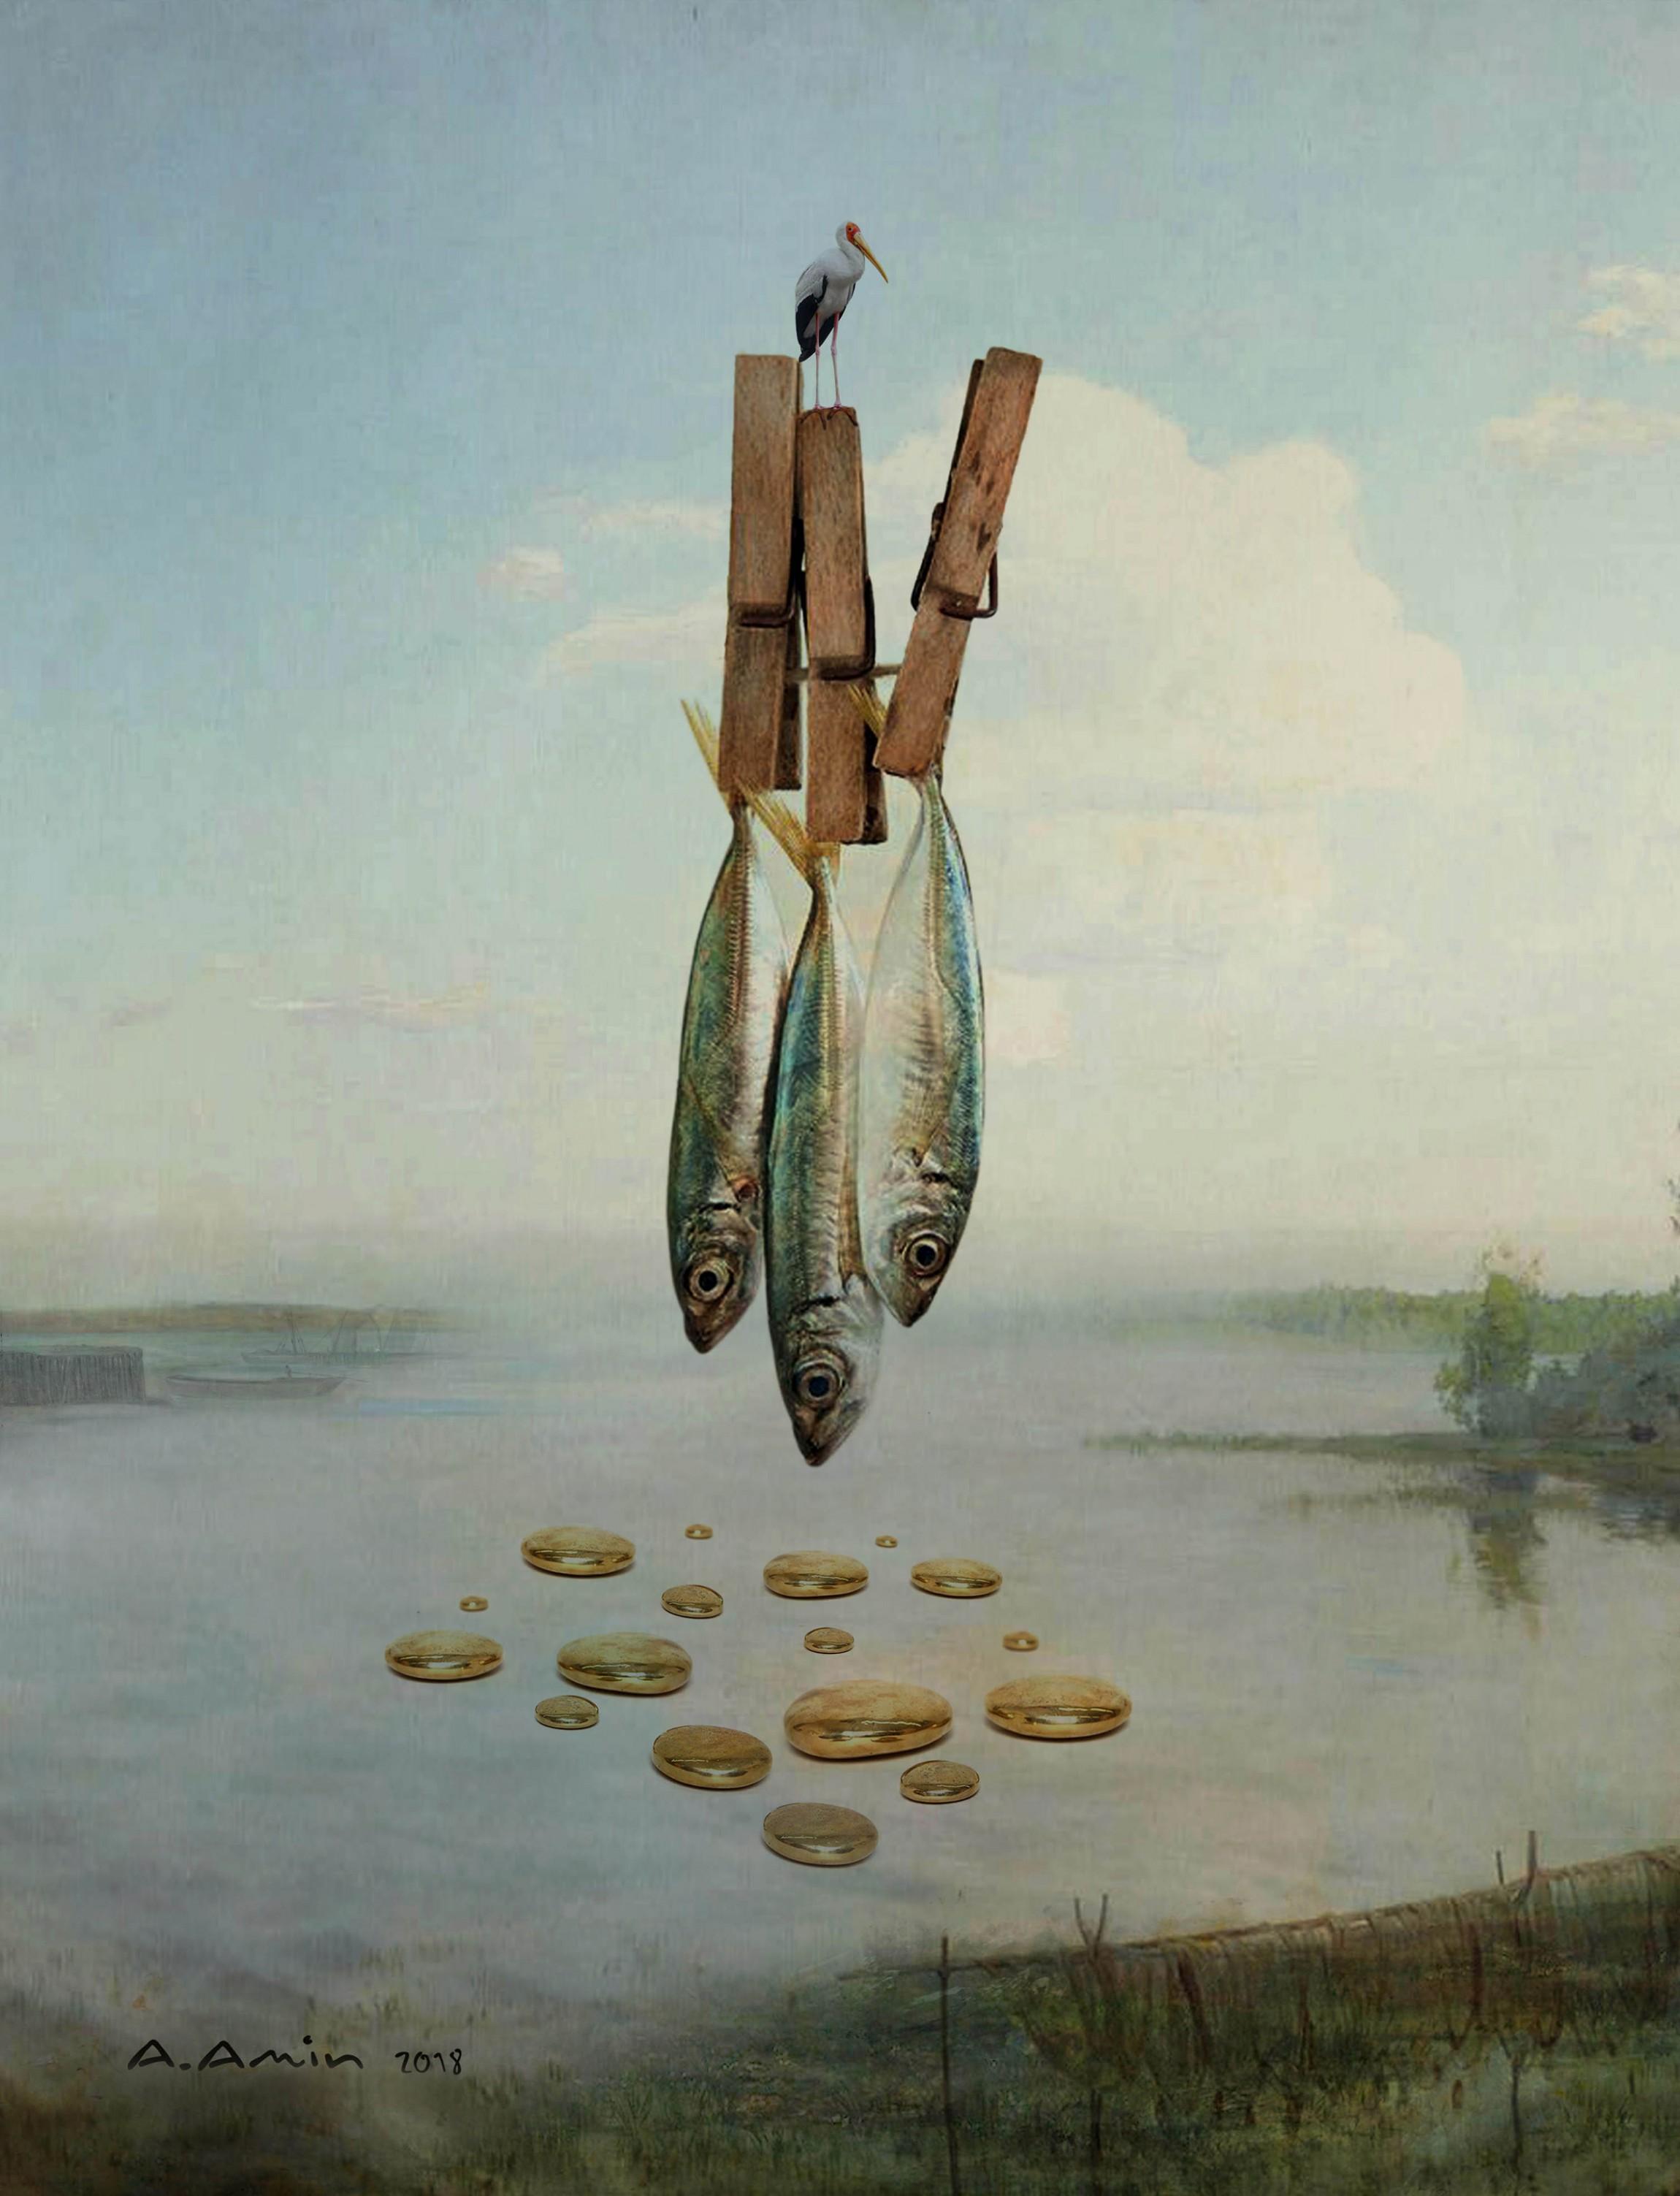 Fish by Amanj Amin